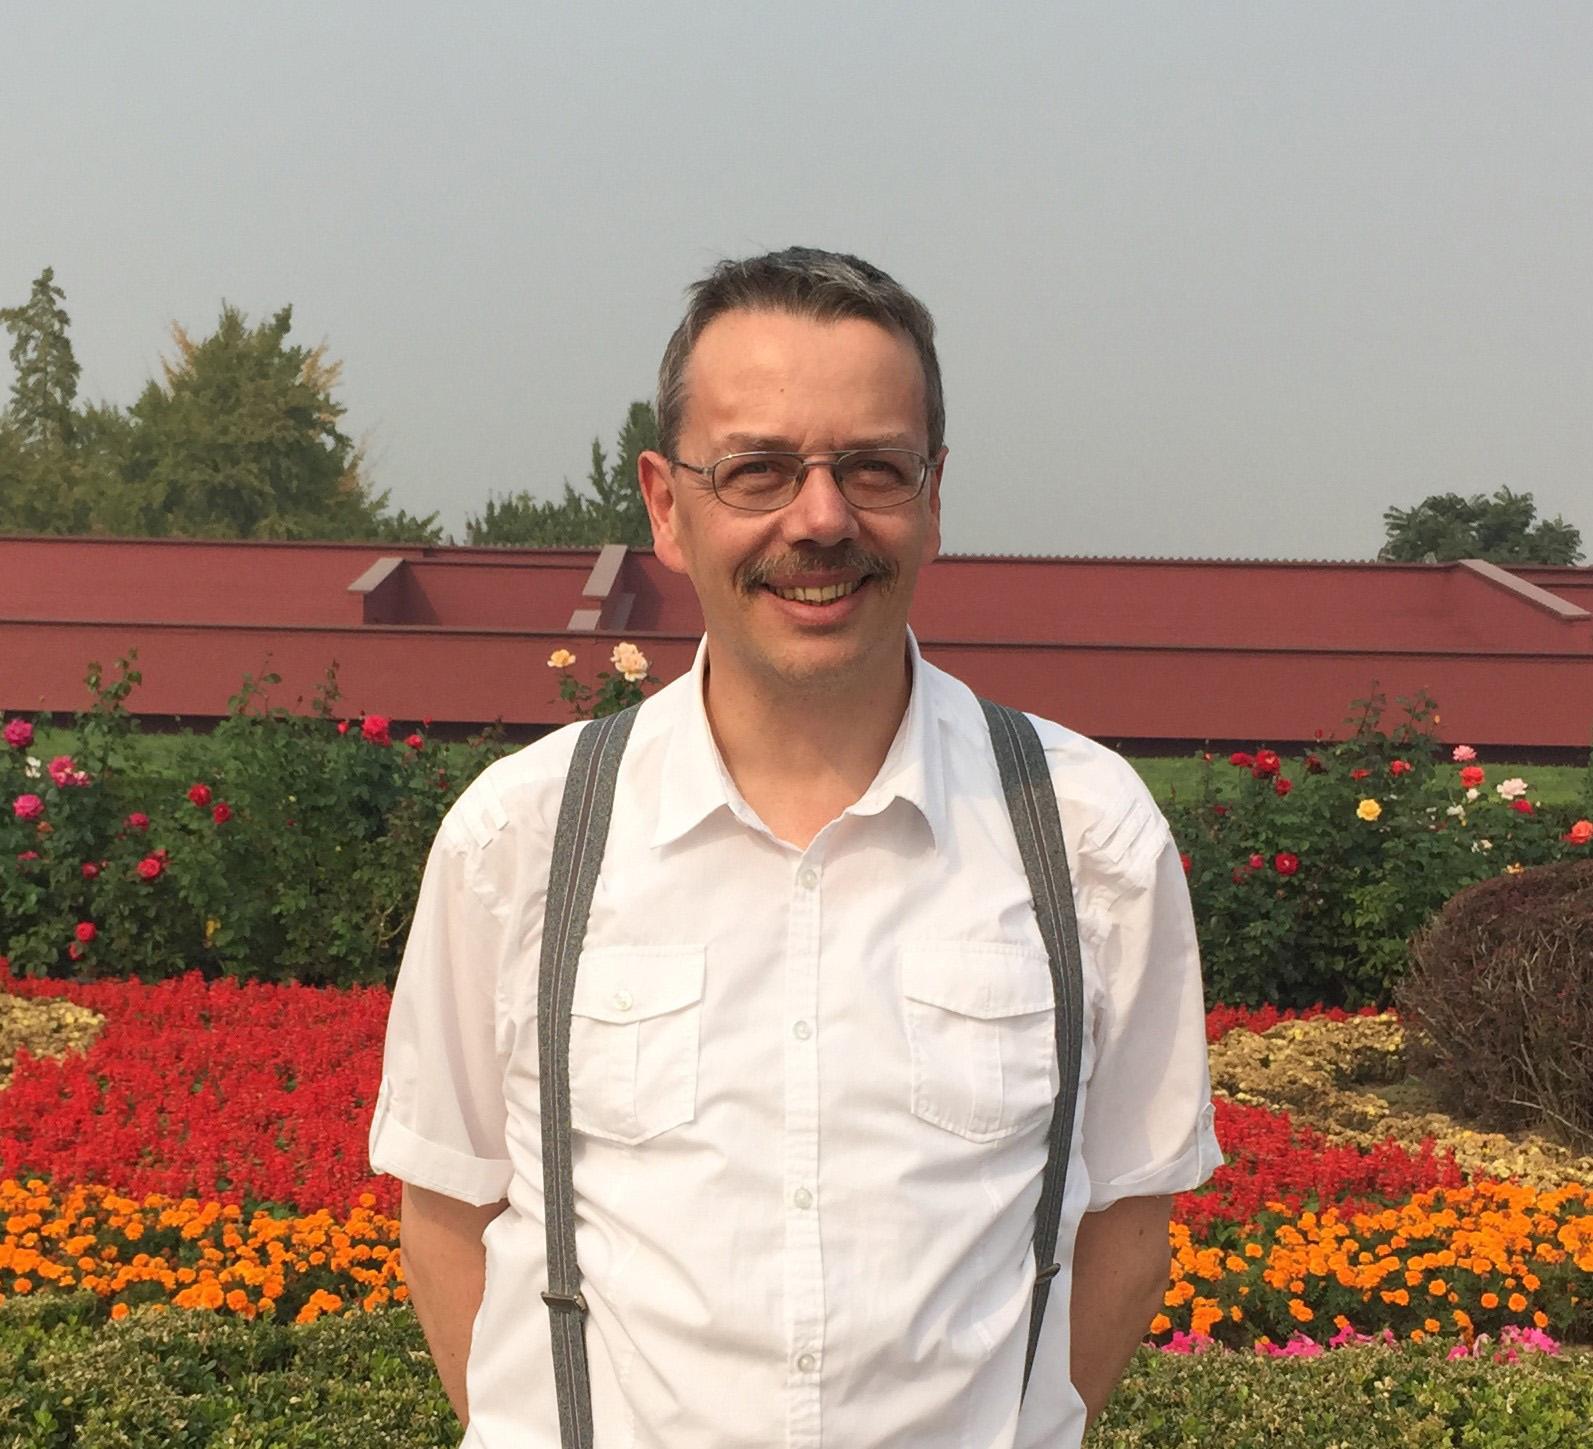 apl. Prof. Dr. Harald Löwe